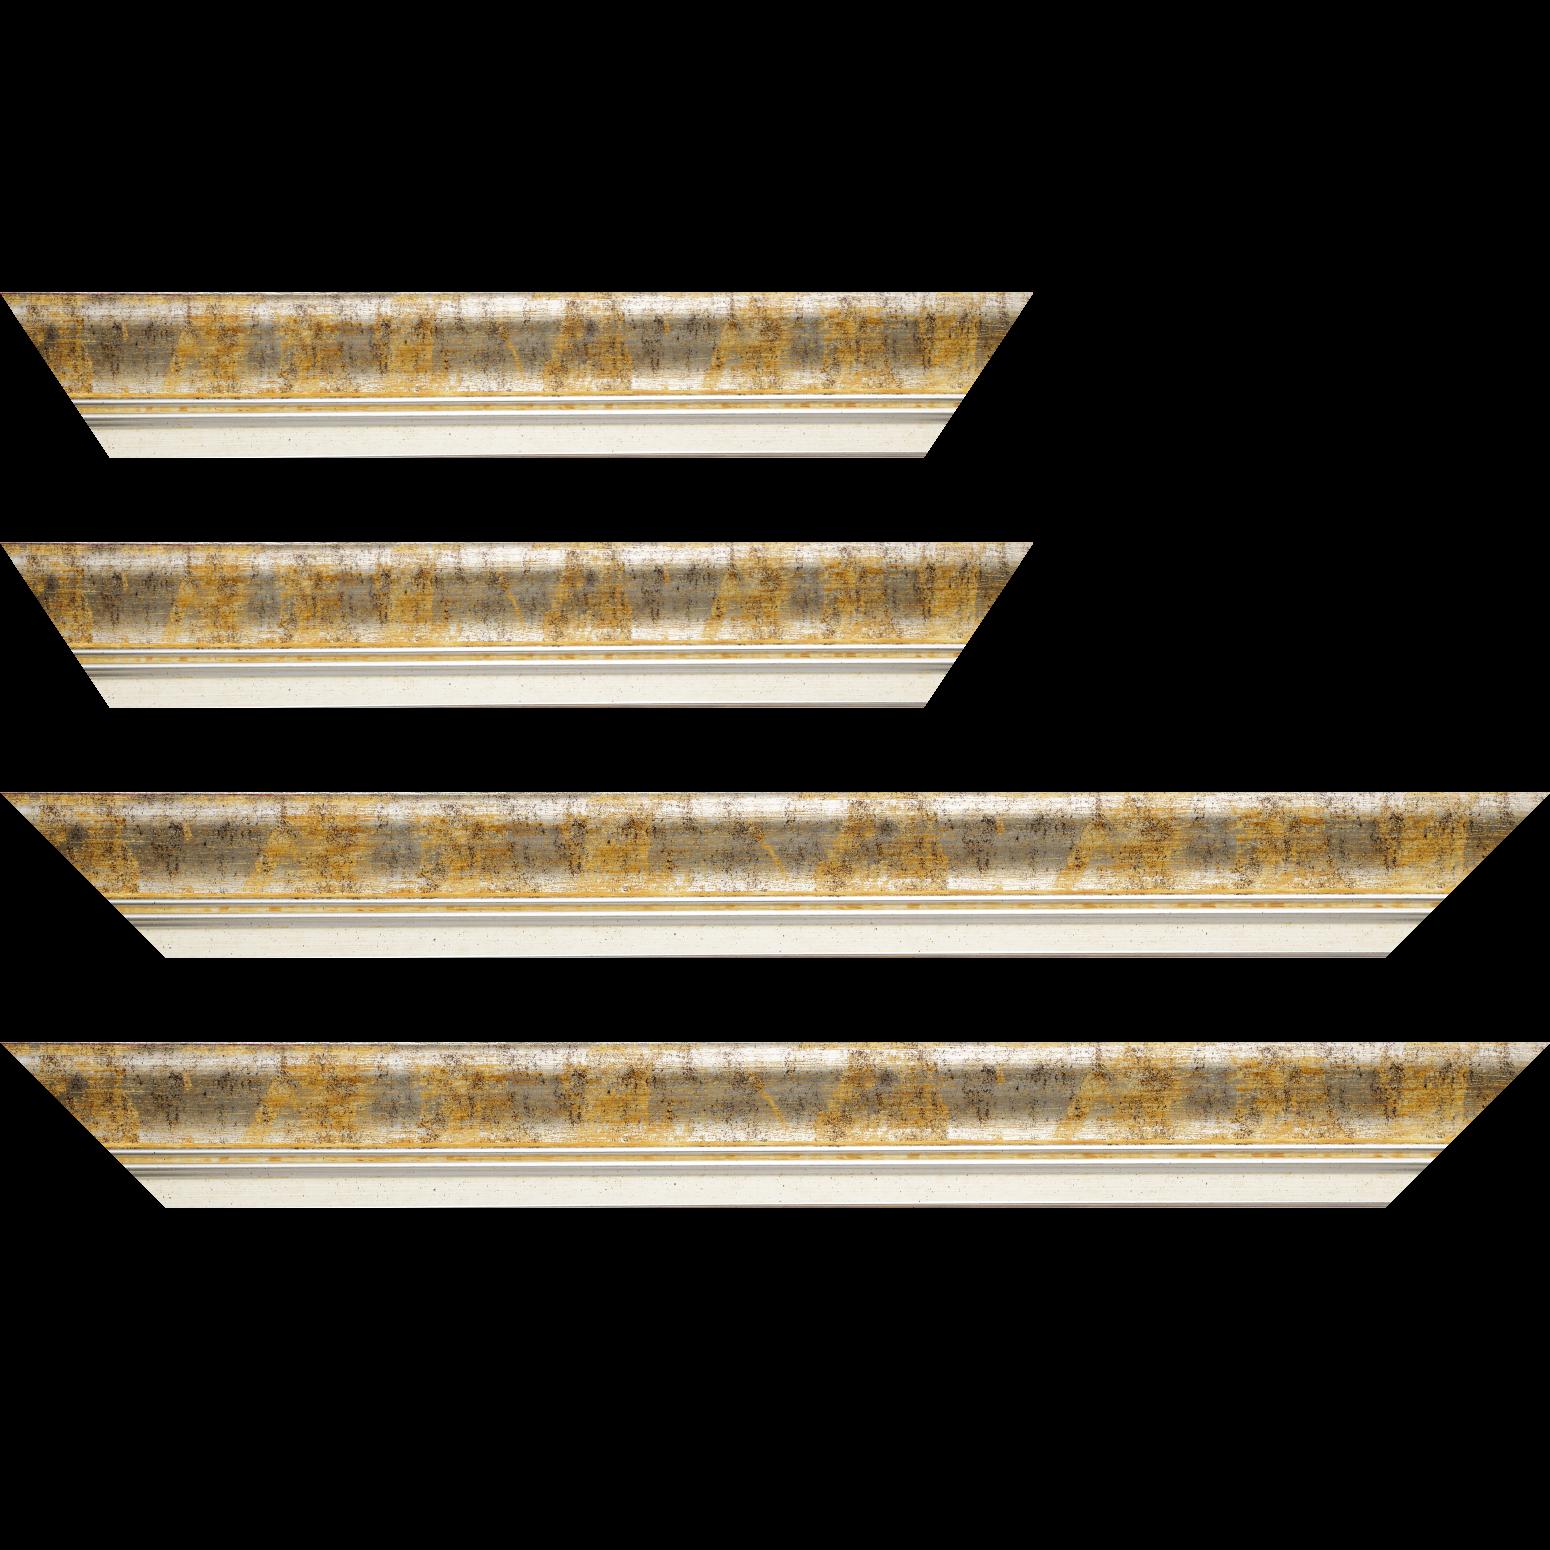 Baguette service précoupé Bois profil incurvé largeur 5.7cm de couleur jaune fond argent marie louise blanche mouchetée filet argent intégré